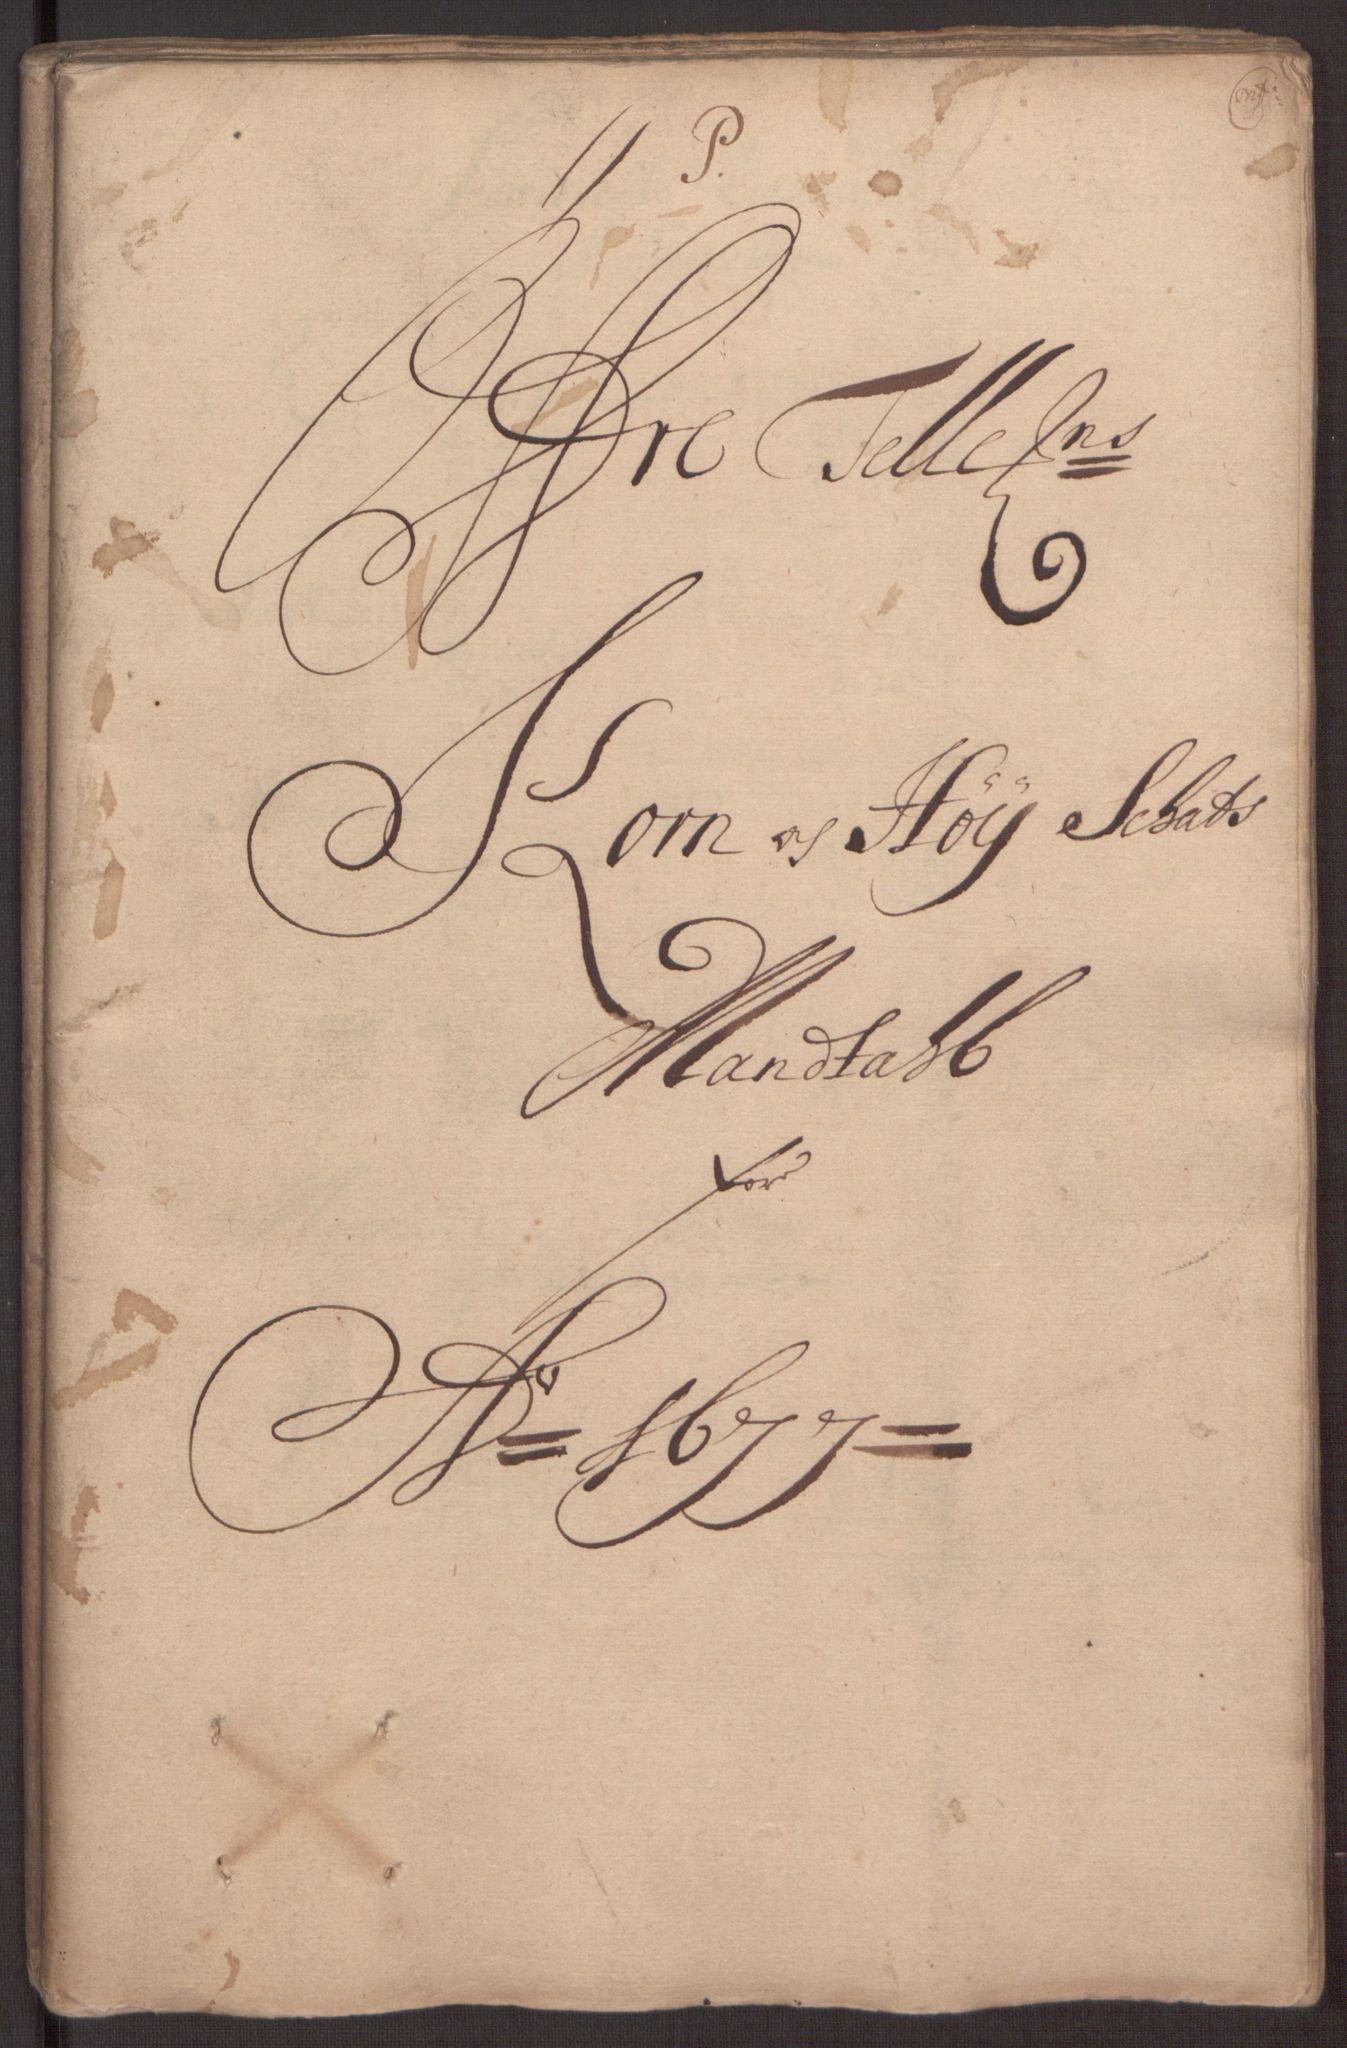 RA, Rentekammeret inntil 1814, Reviderte regnskaper, Fogderegnskap, R35/L2067: Fogderegnskap Øvre og Nedre Telemark, 1677, s. 270